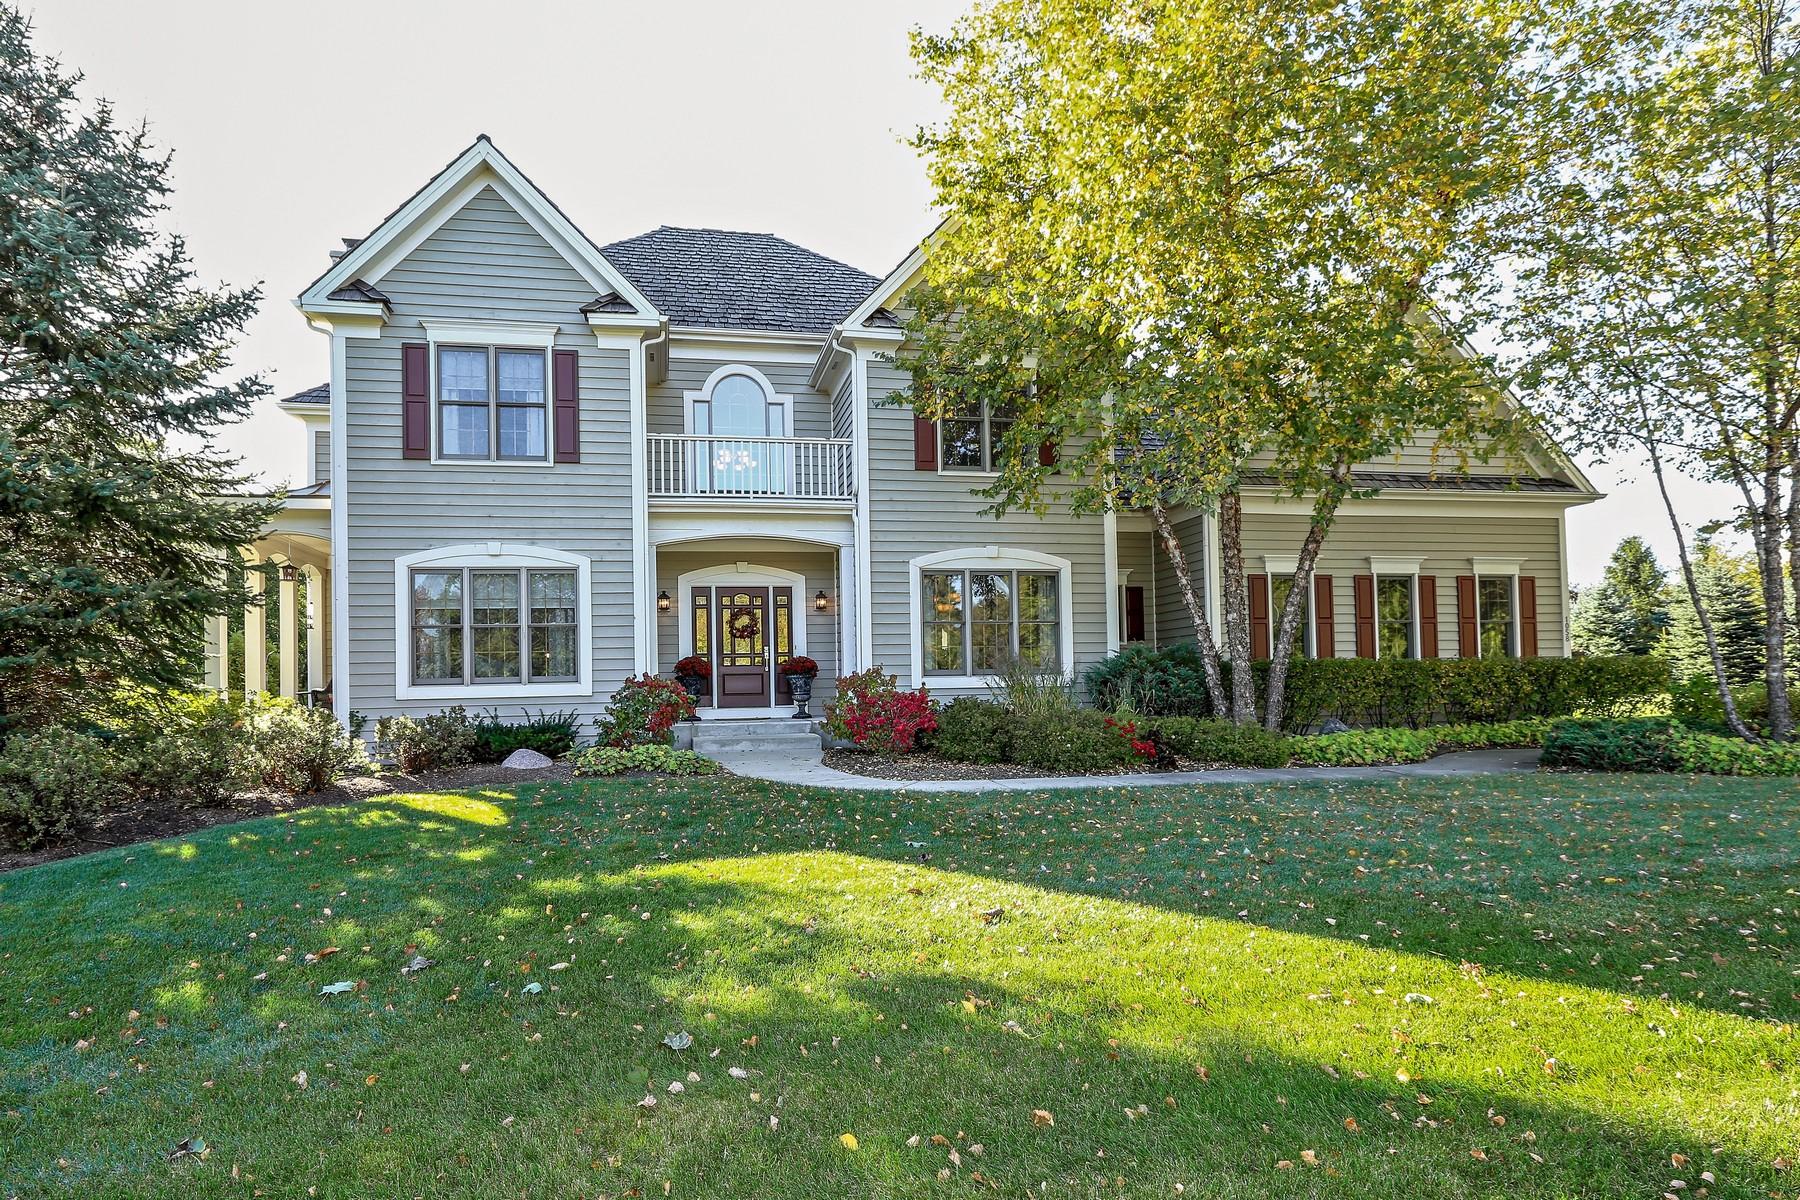 Casa Unifamiliar por un Venta en Custom Home on Beautiful Lot 1058 Dove Way Cary, Illinois 60013 Estados Unidos